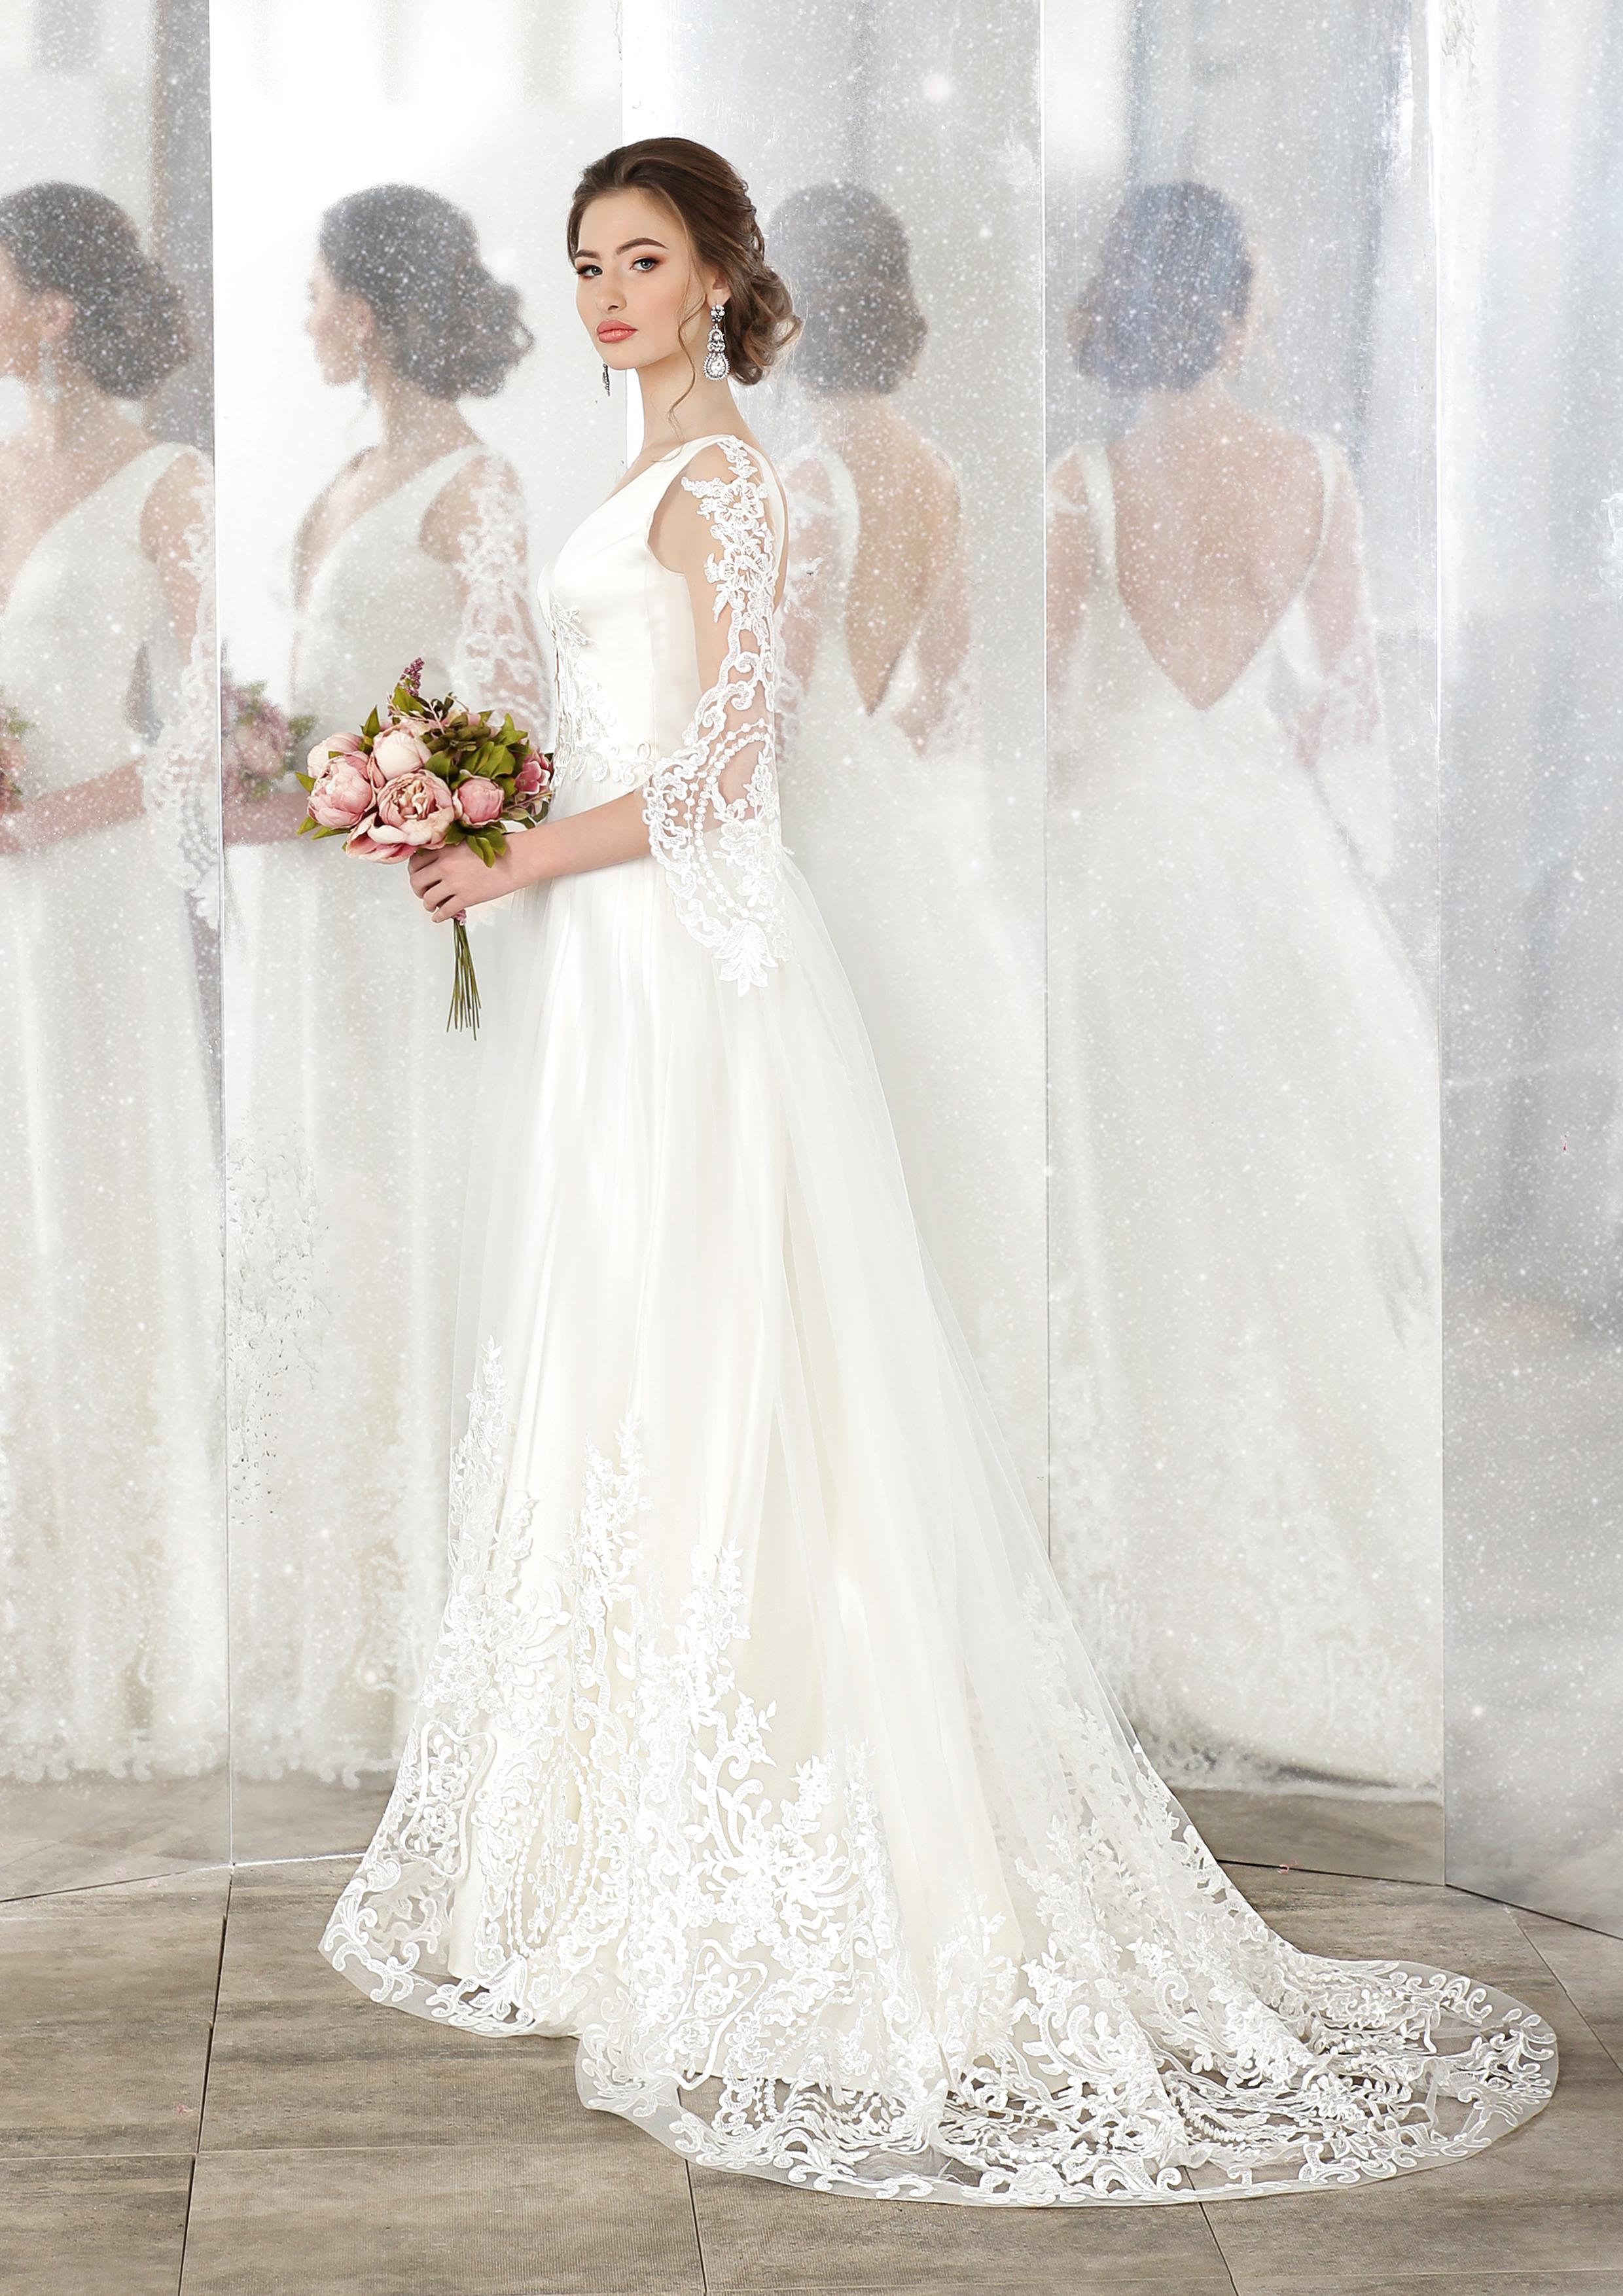 175011 Abito da sposa Unique Fashion Verona